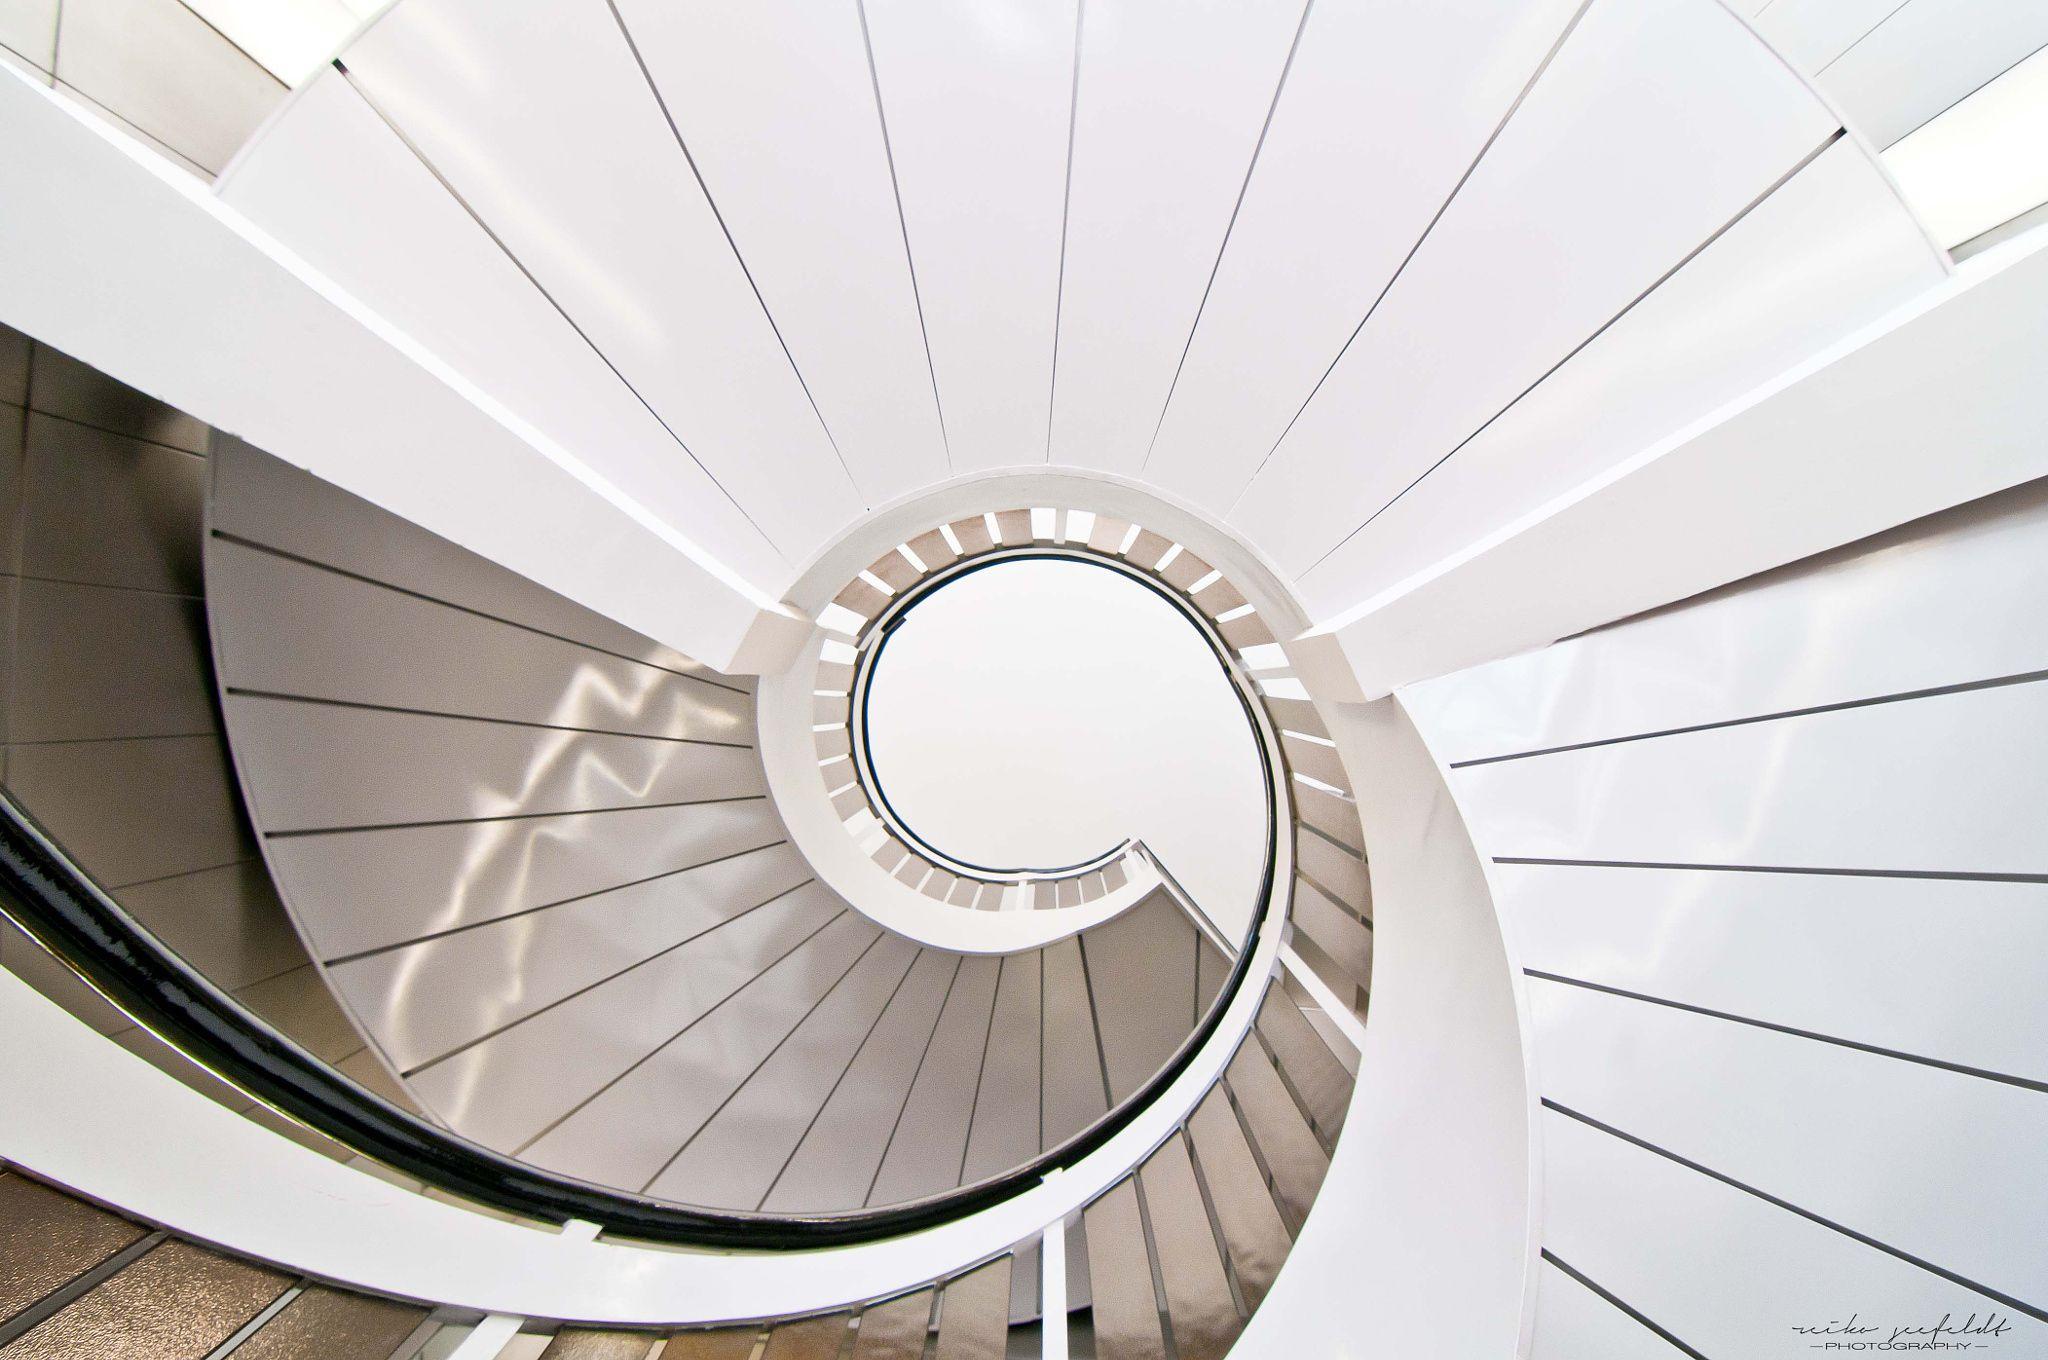 Staircase XXX by Reiko Seefeldt on 500px